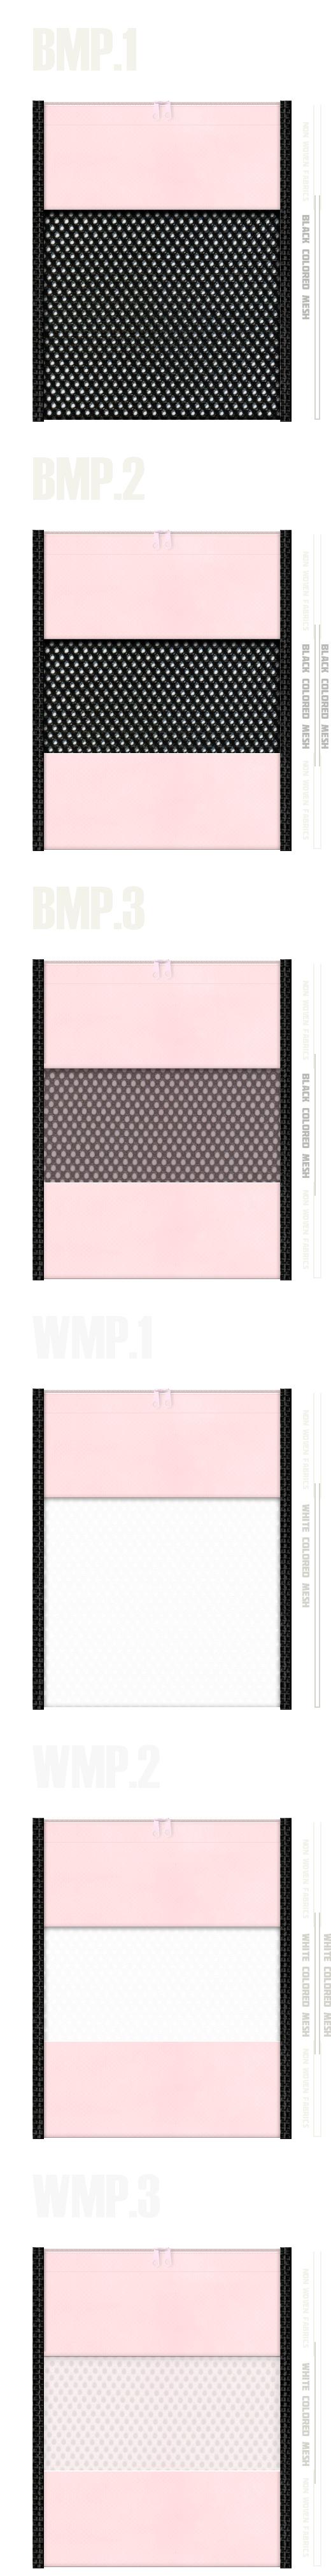 メッシュポーチのカラーシミュレーション:黒色・白色メッシュと桜色不織布の組み合わせ